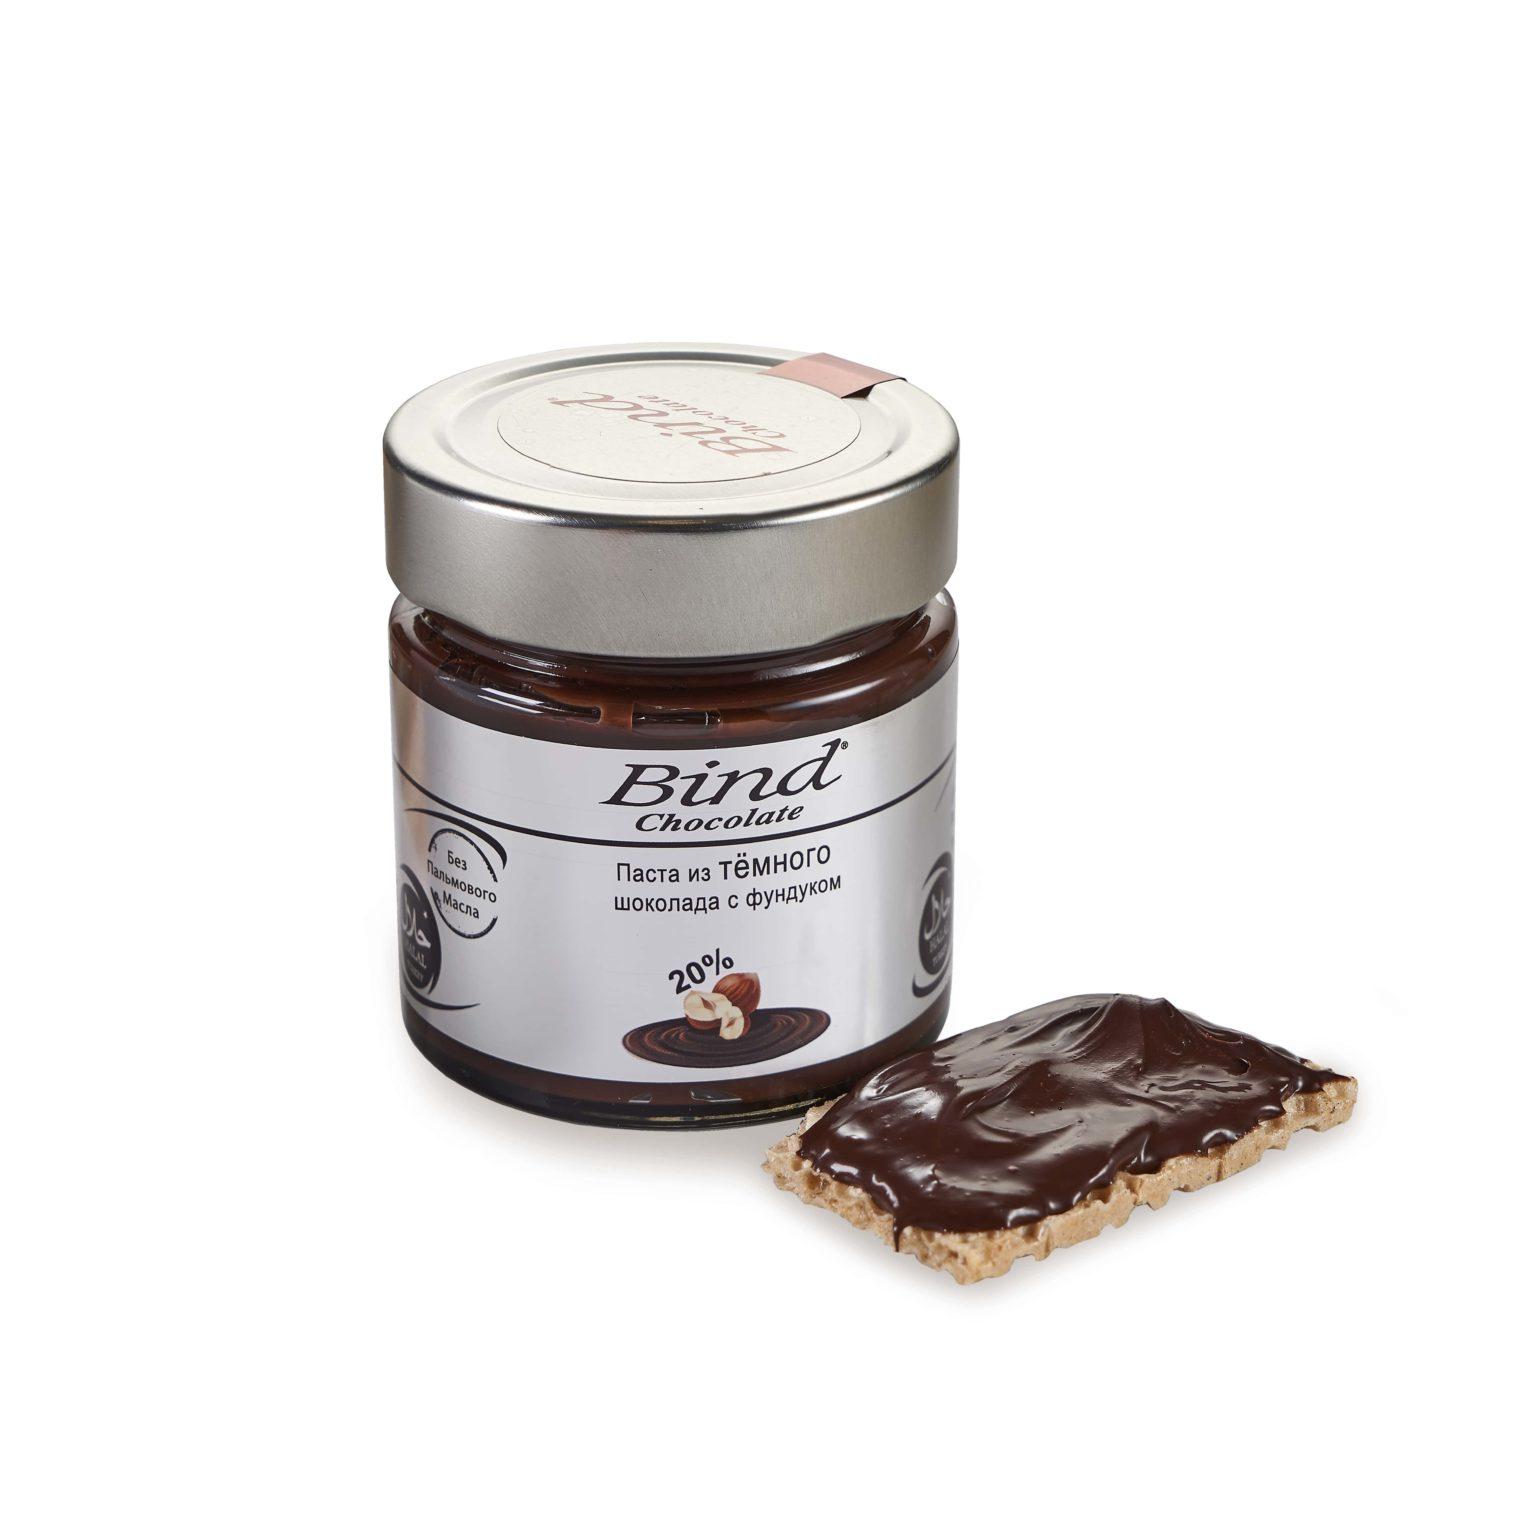 Вкуснейшая паста из темного шоколада и фундука